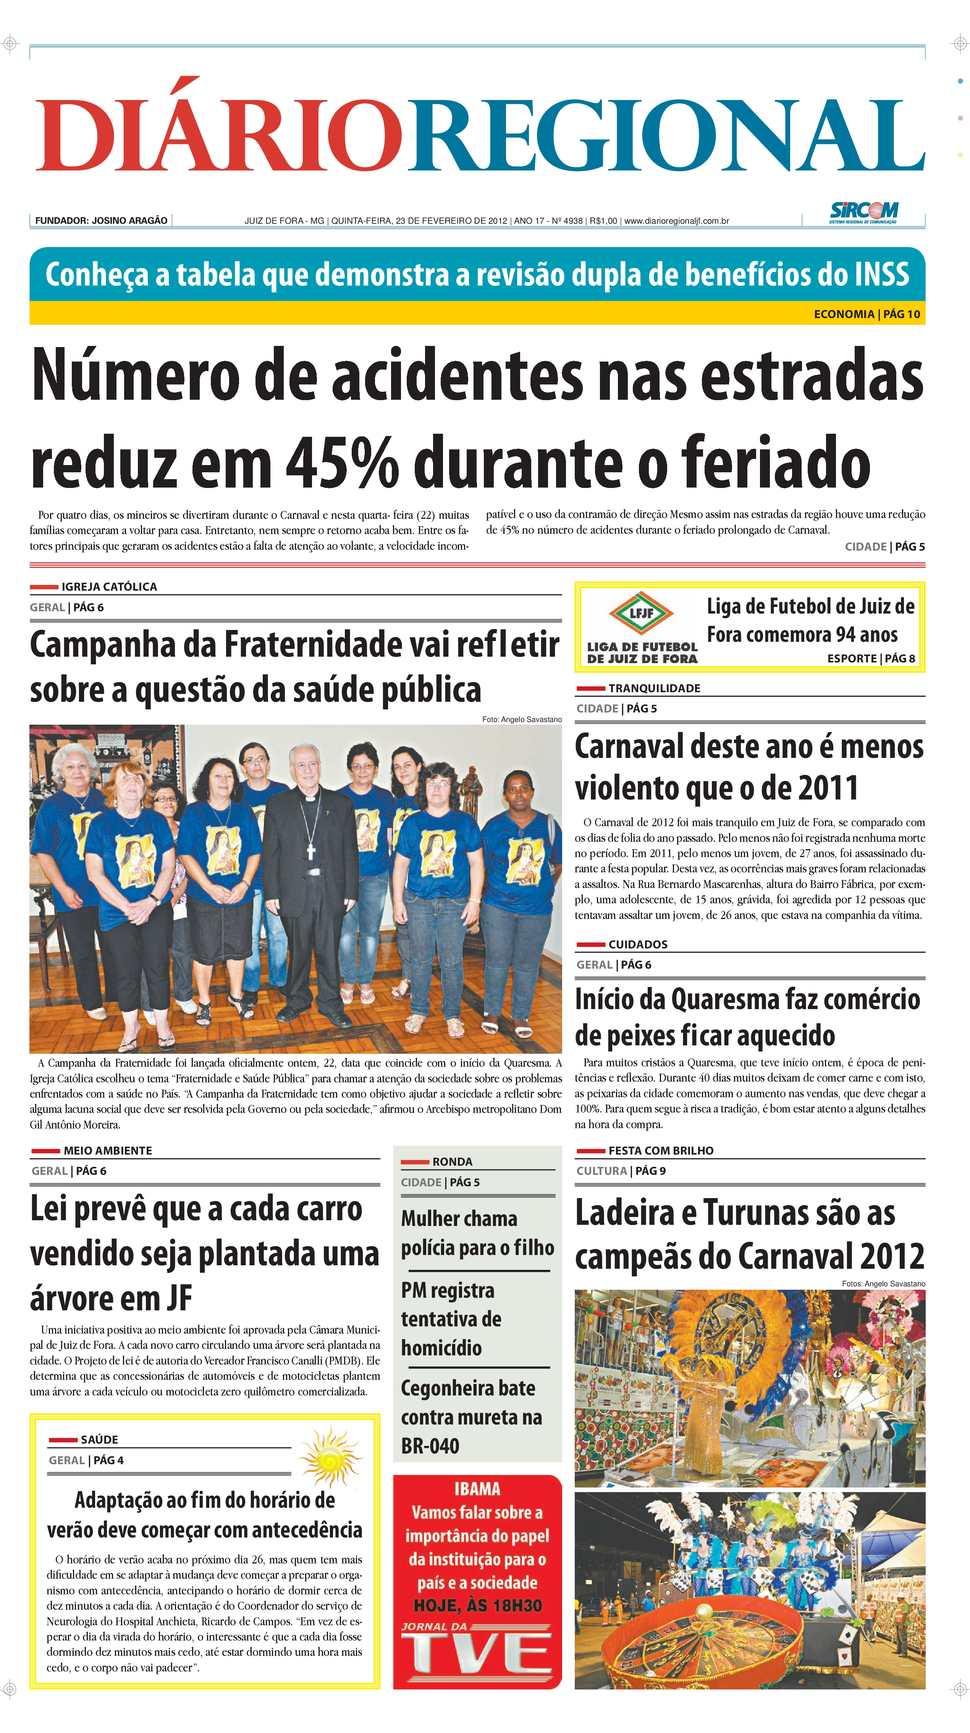 Calaméo - Edição 23 02 2012 4a5eb7d0d46f3